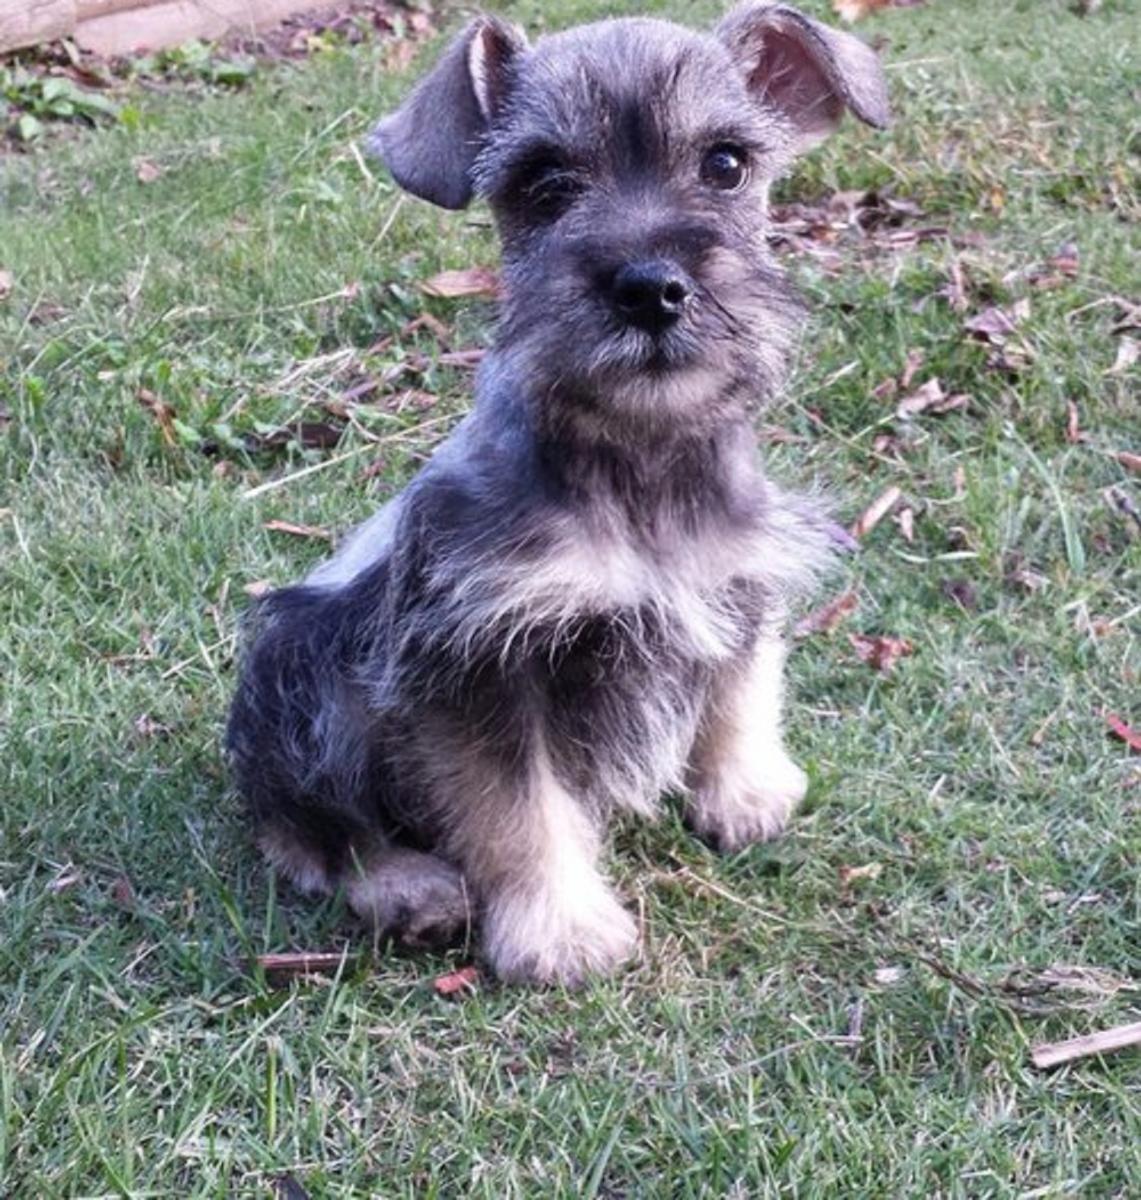 Miniature Schnauzer Puppies Schnauzer Puppy Schnauzer Breed Miniature Schnauzer Puppies